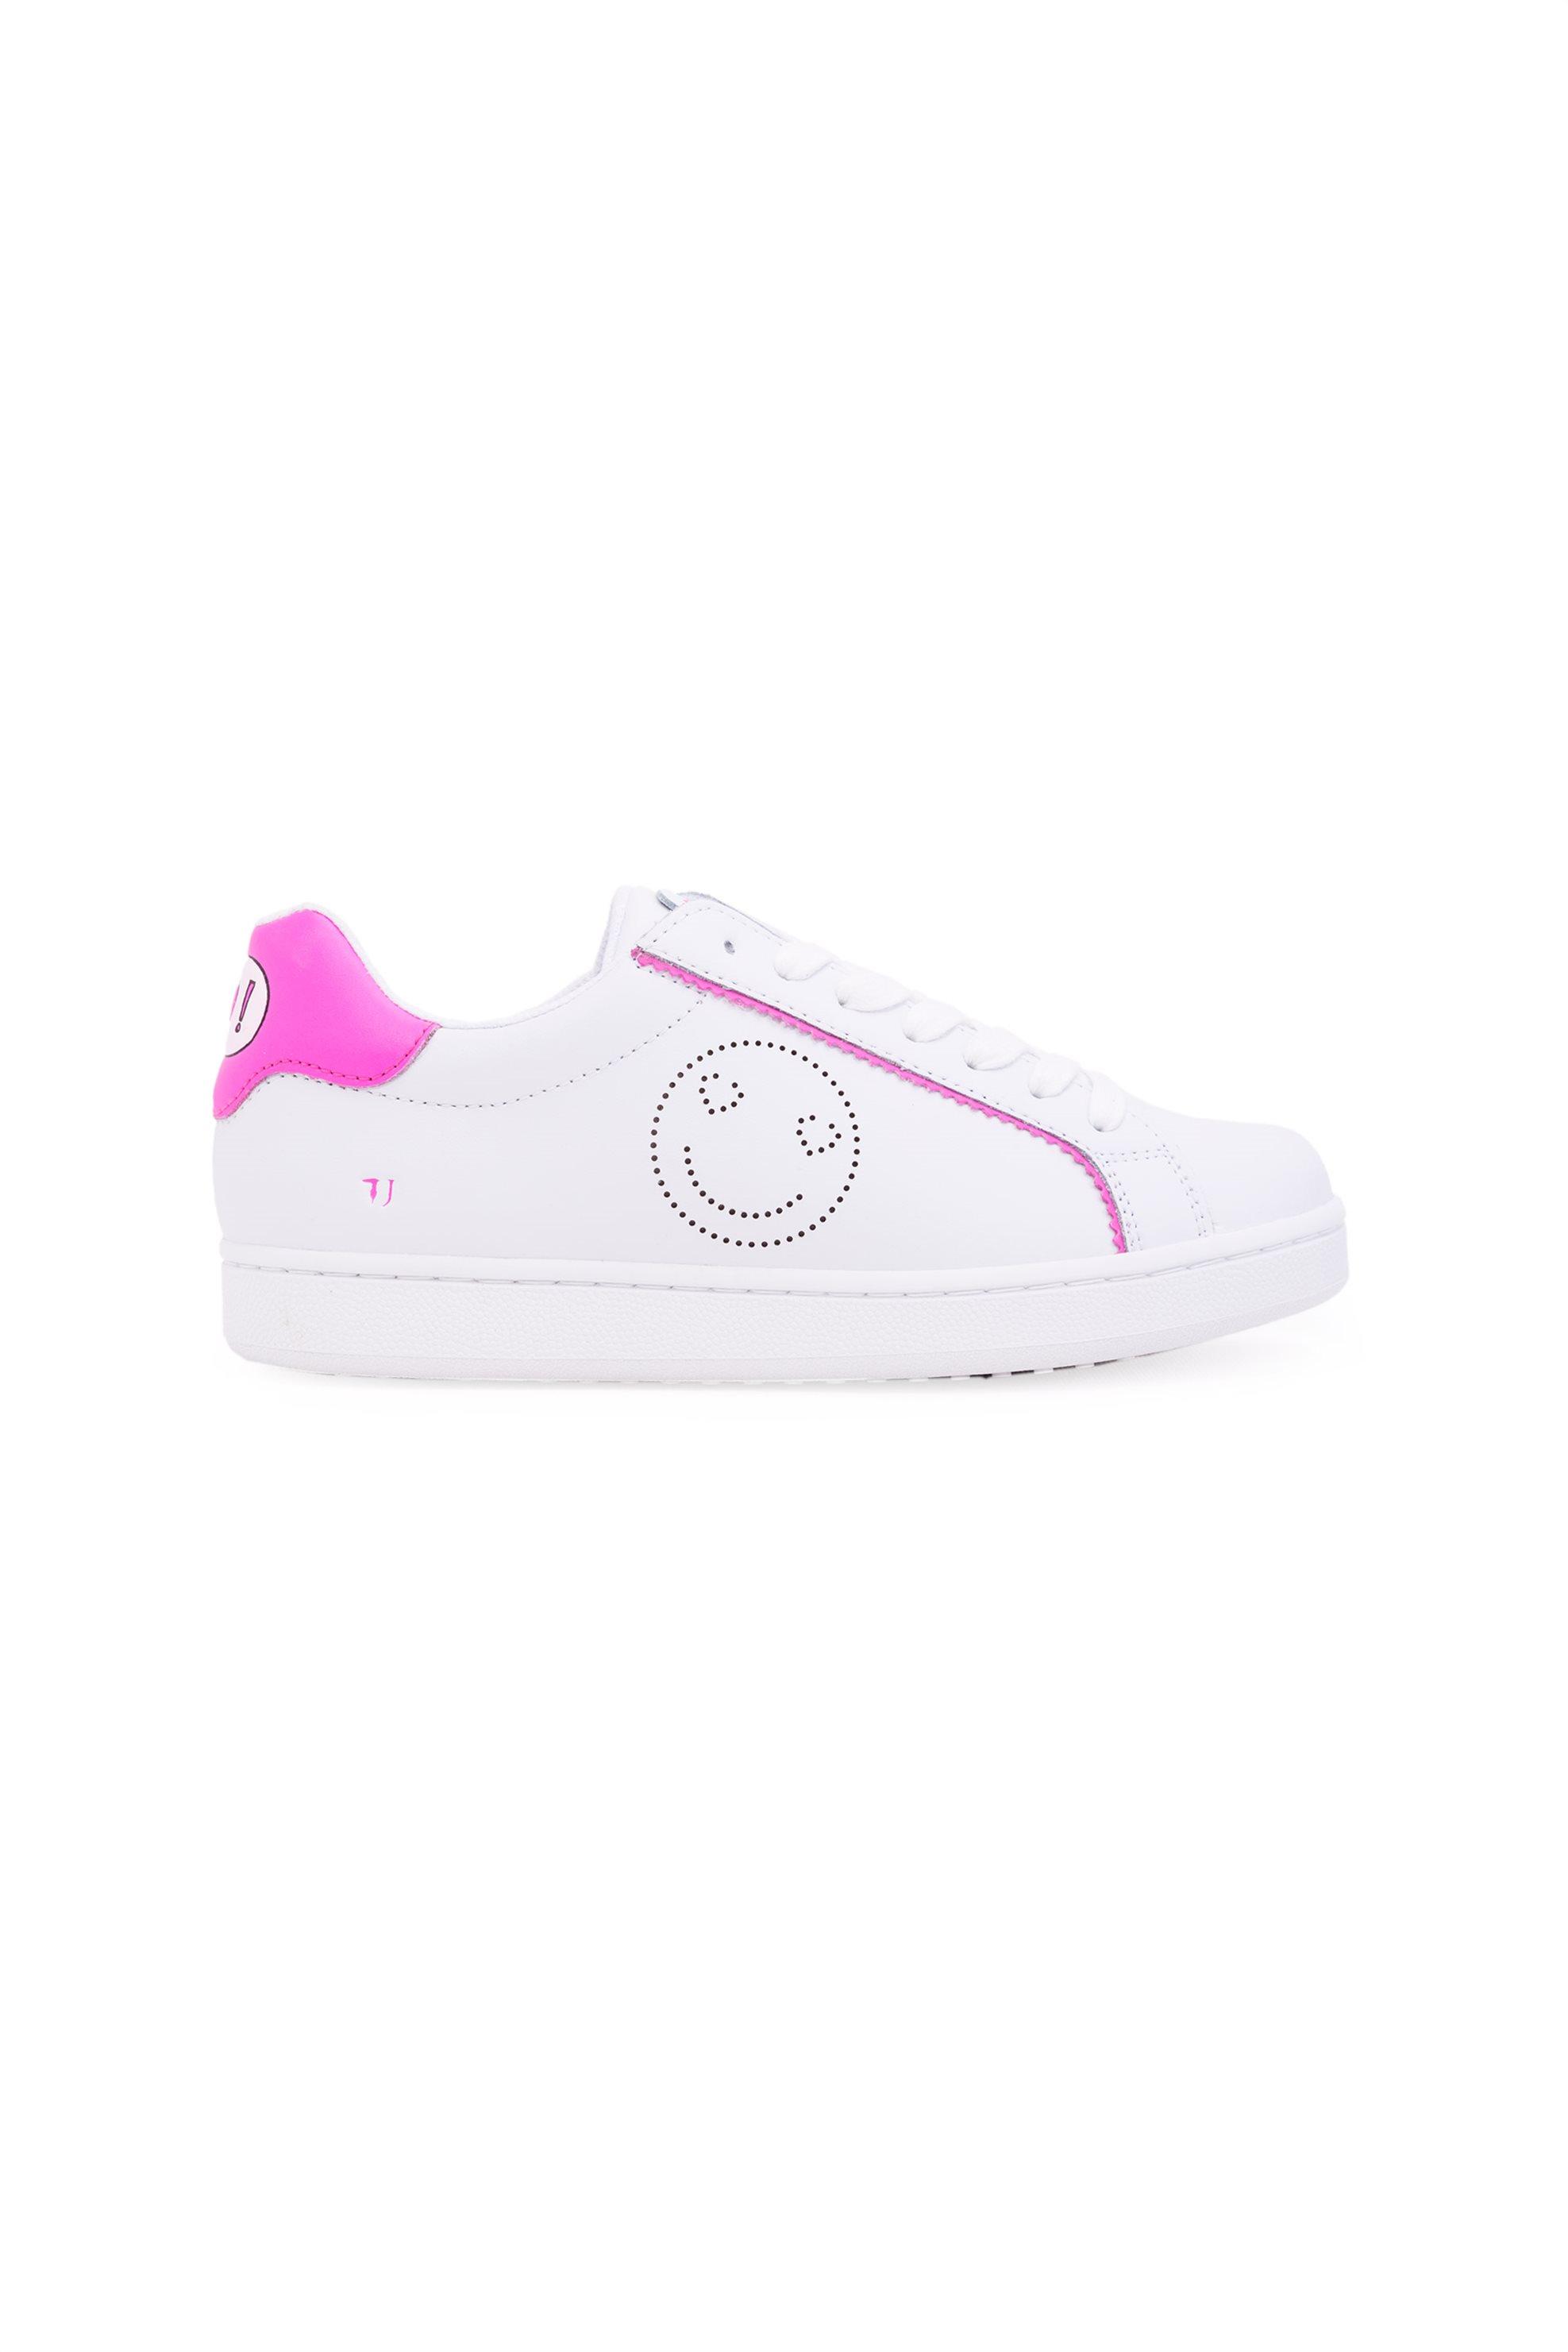 Notos Γυναικεία παπούτσια Τrussardi – 79A00133-9Y099999 – Φούξια 82bcd7f814b